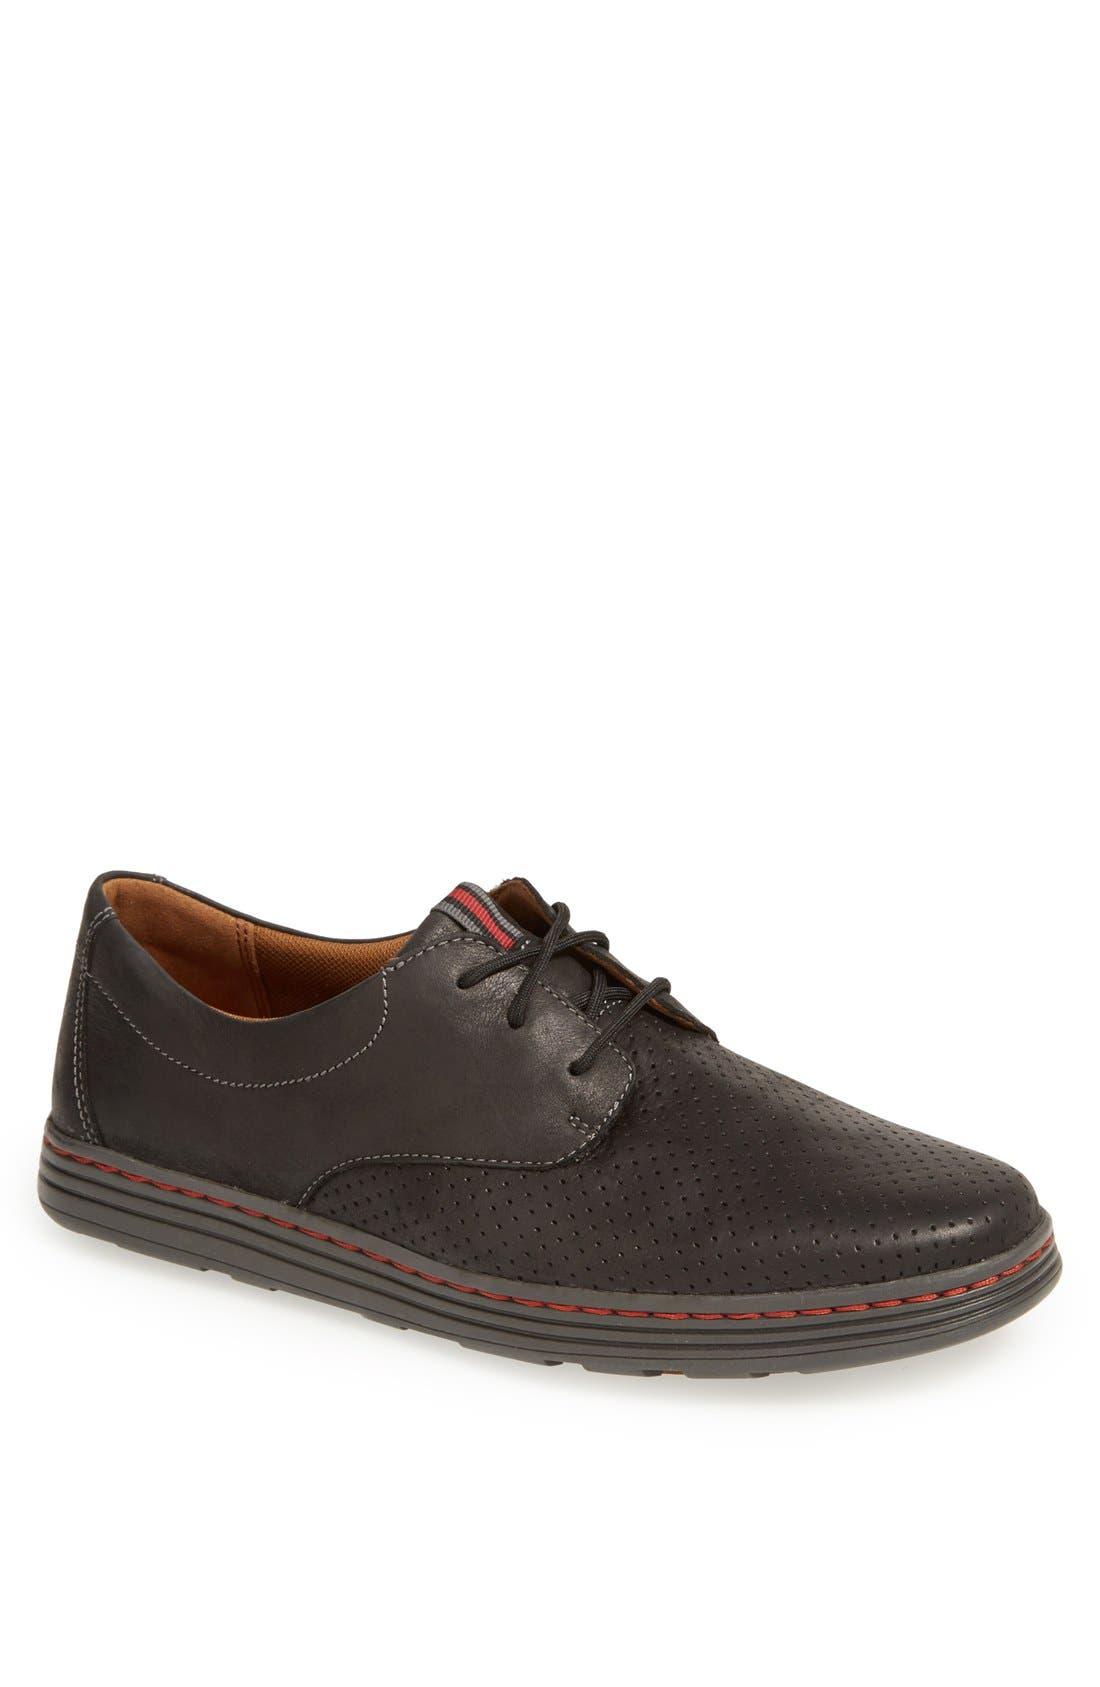 DUNHAM,                             'Camden' Sneaker,                             Main thumbnail 1, color,                             014